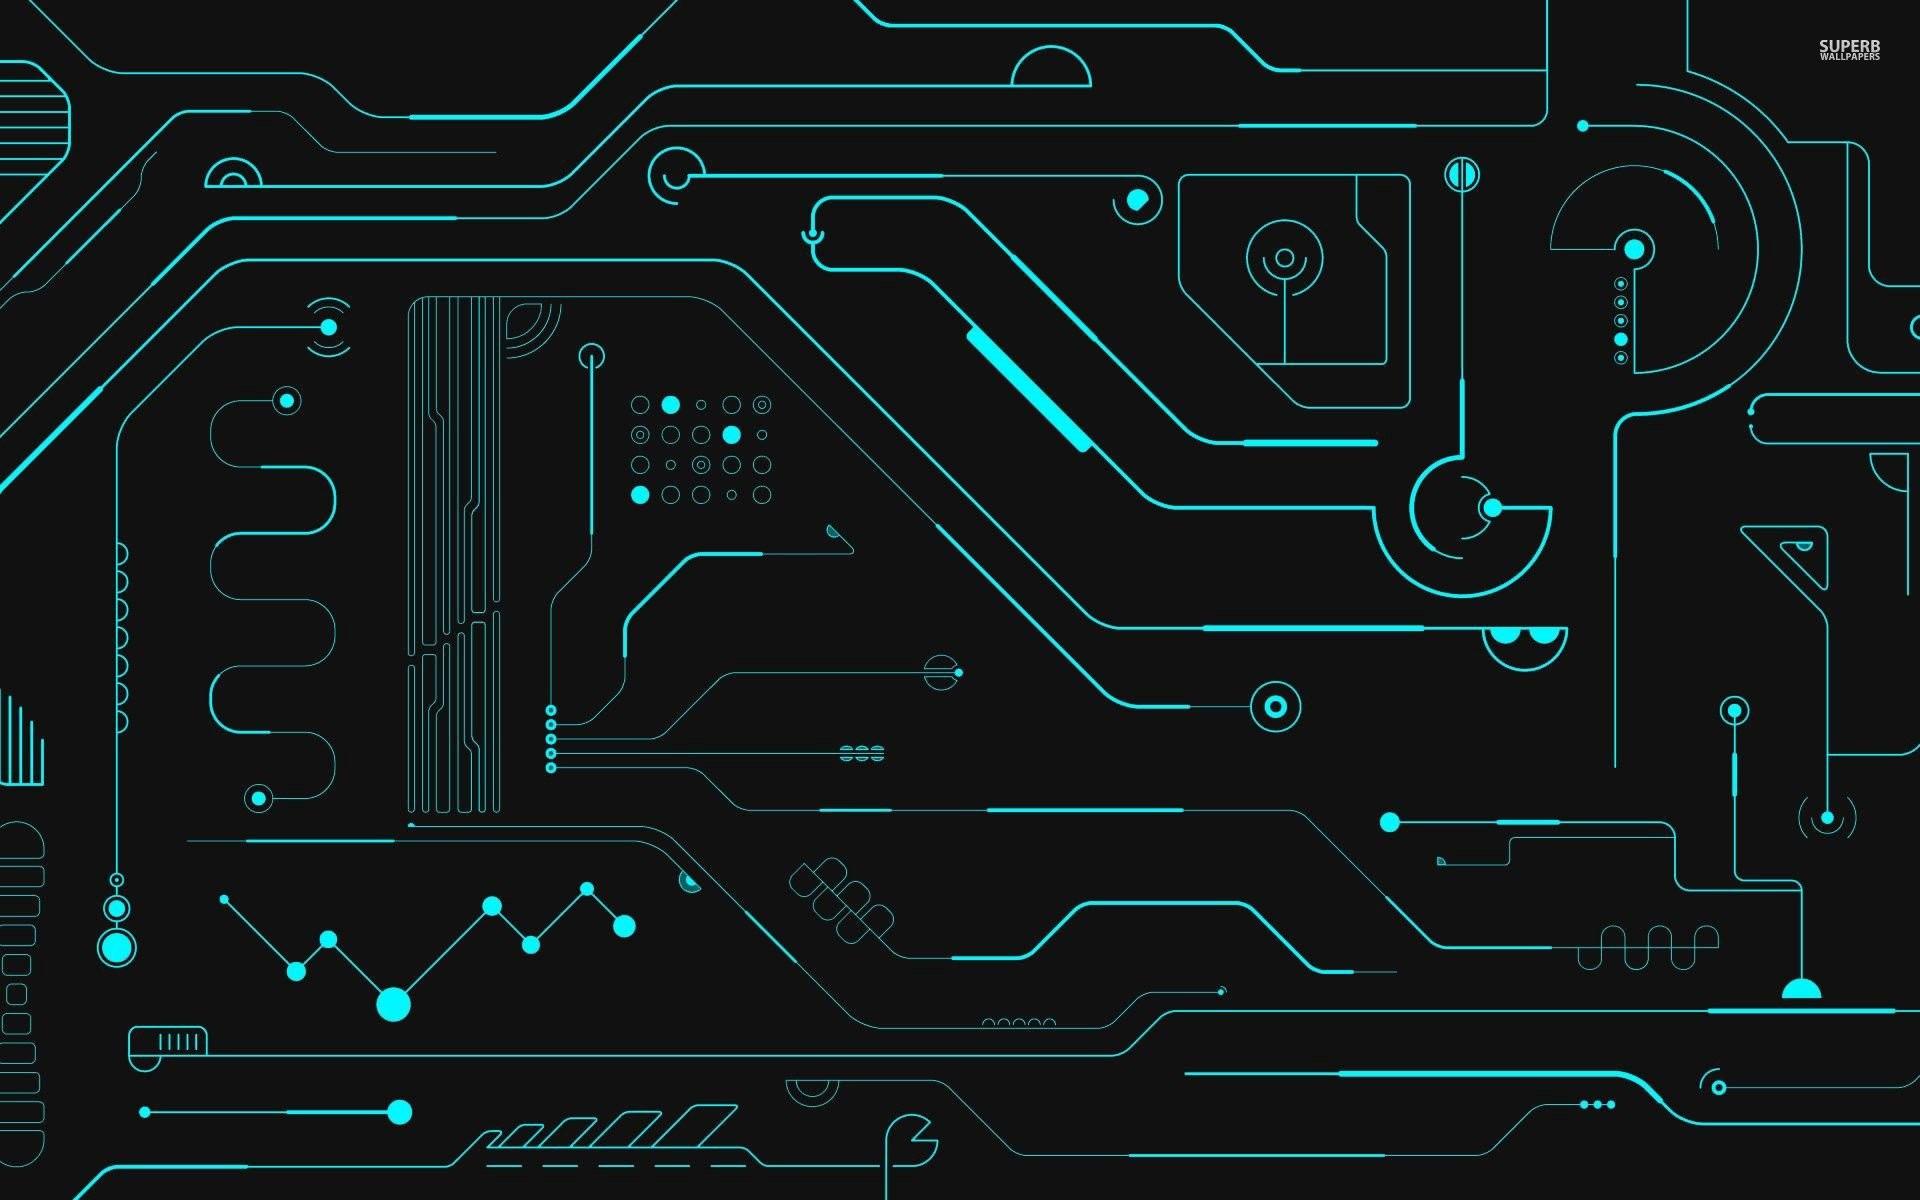 3840x2160 Printed Circuit Board PCB Wallpaper